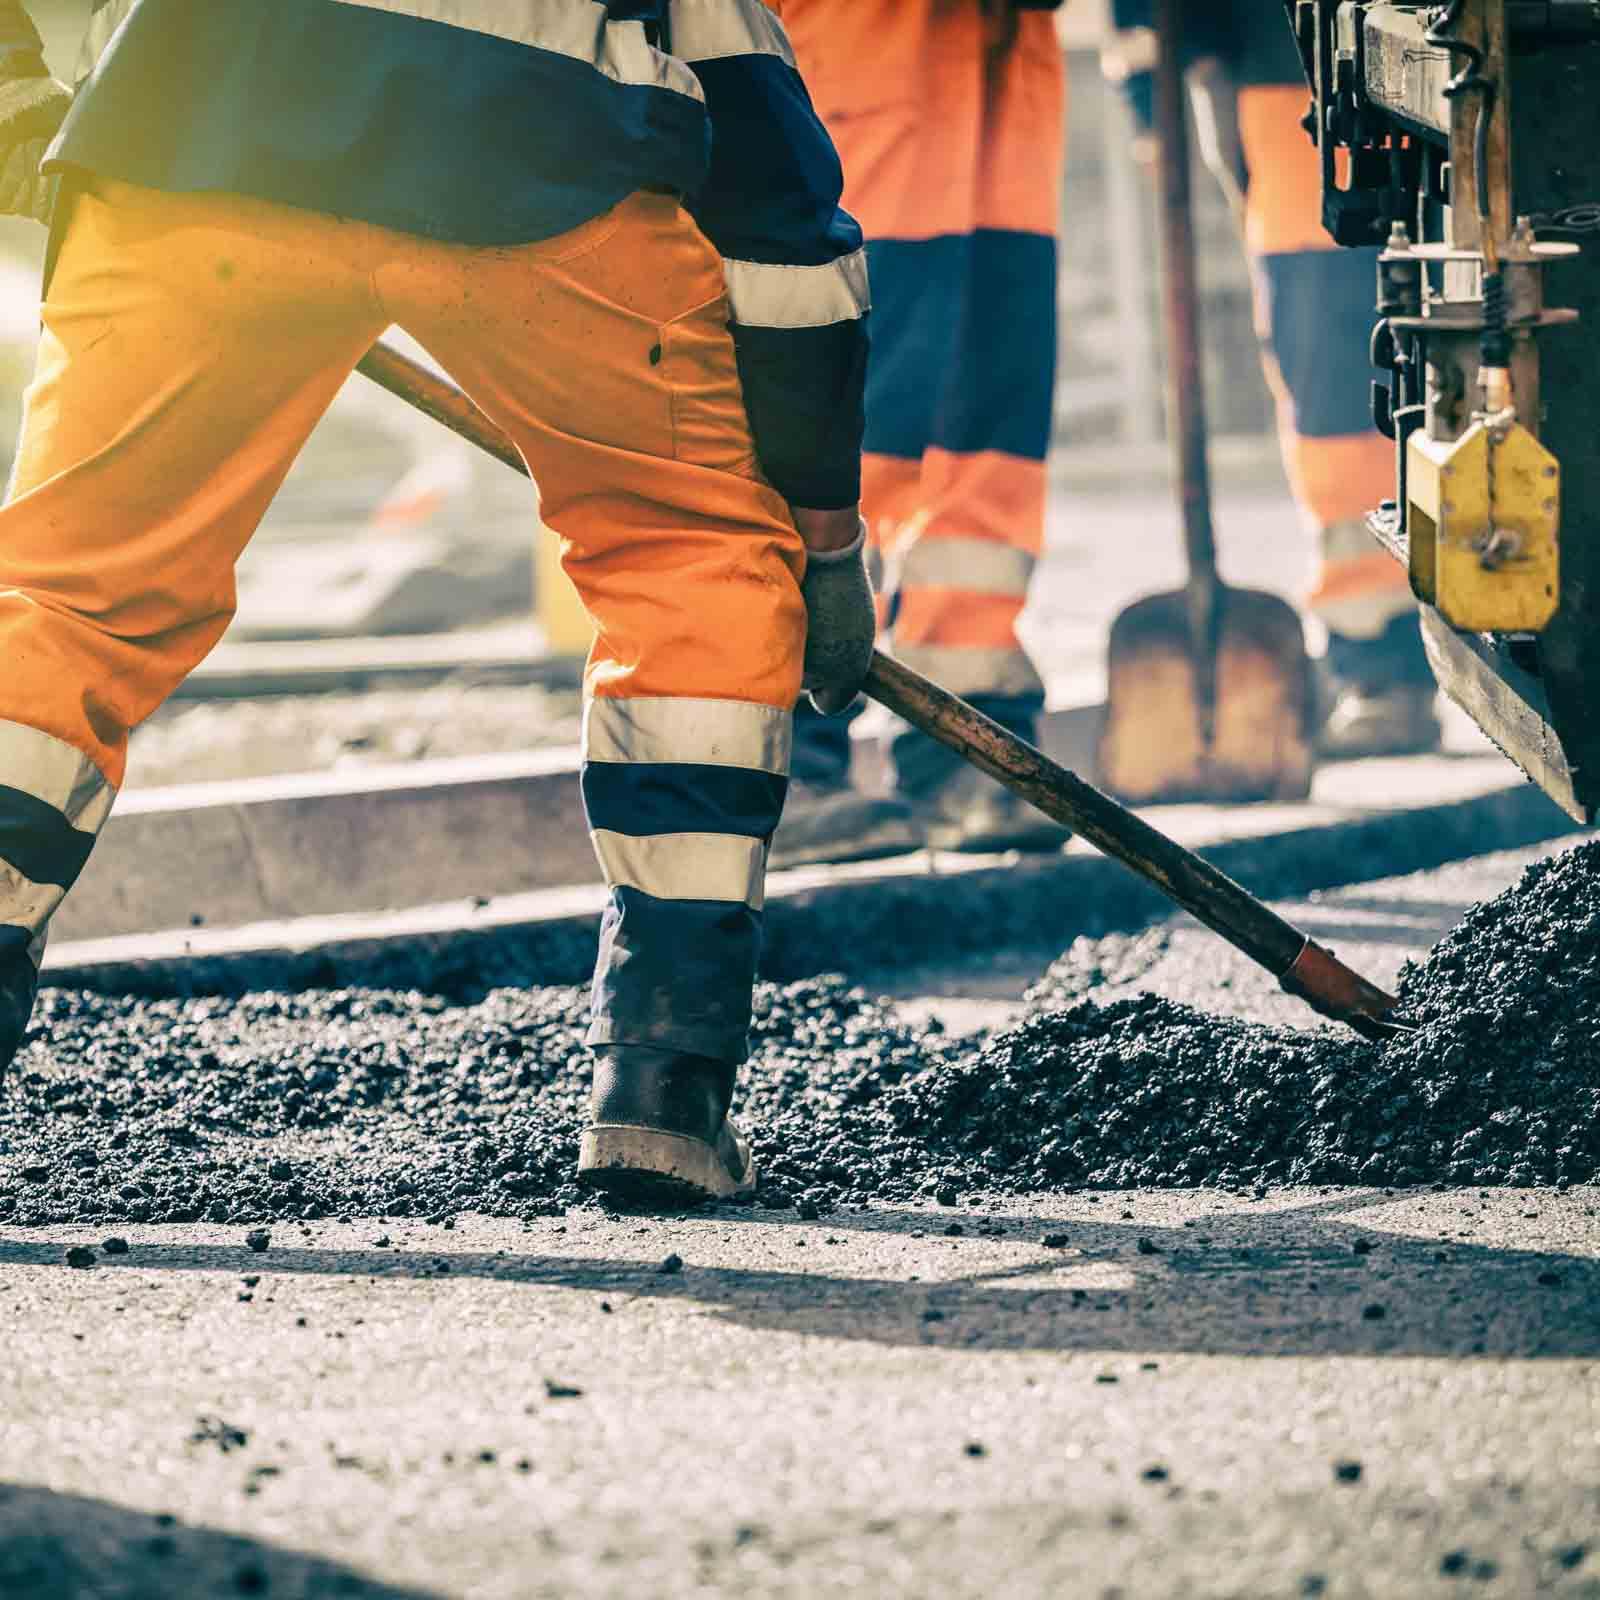 construction-worker-shoveling-asphalt